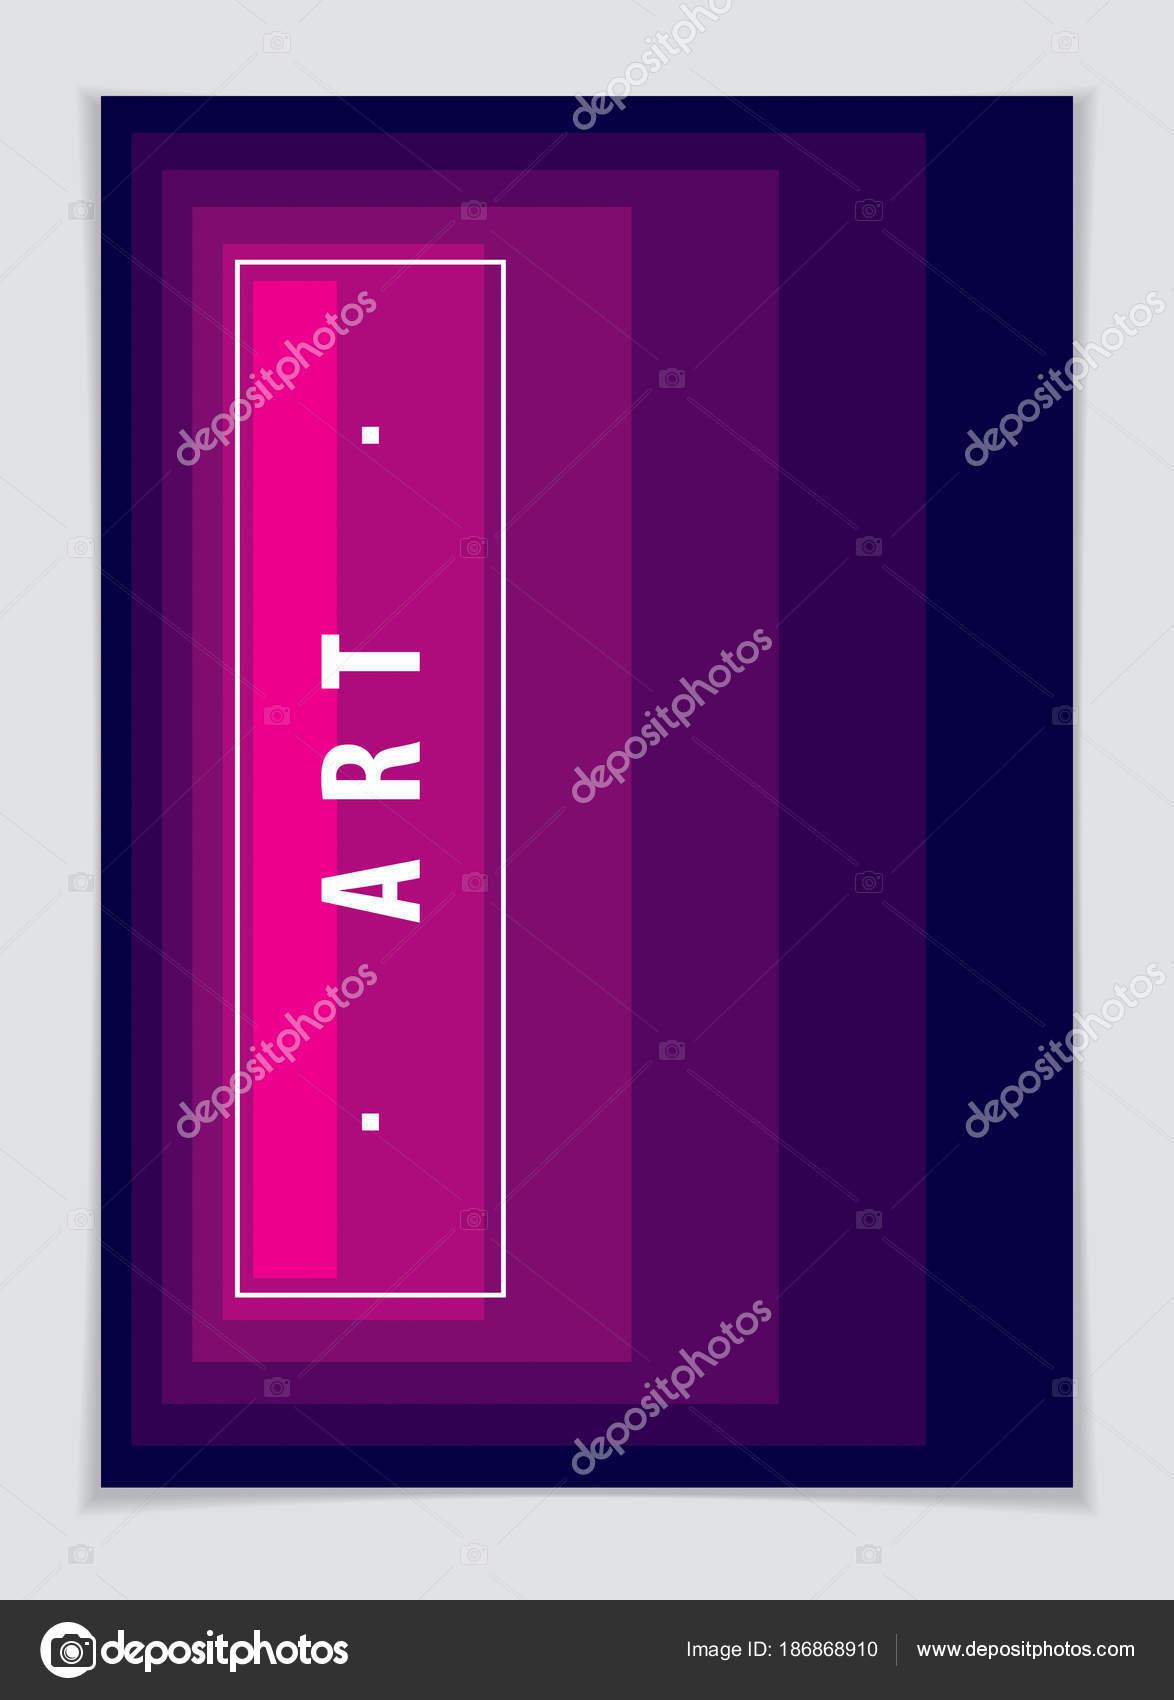 Diseño Minimalista Plantilla Diseño Gráfico Vectorial Web Comercio ...